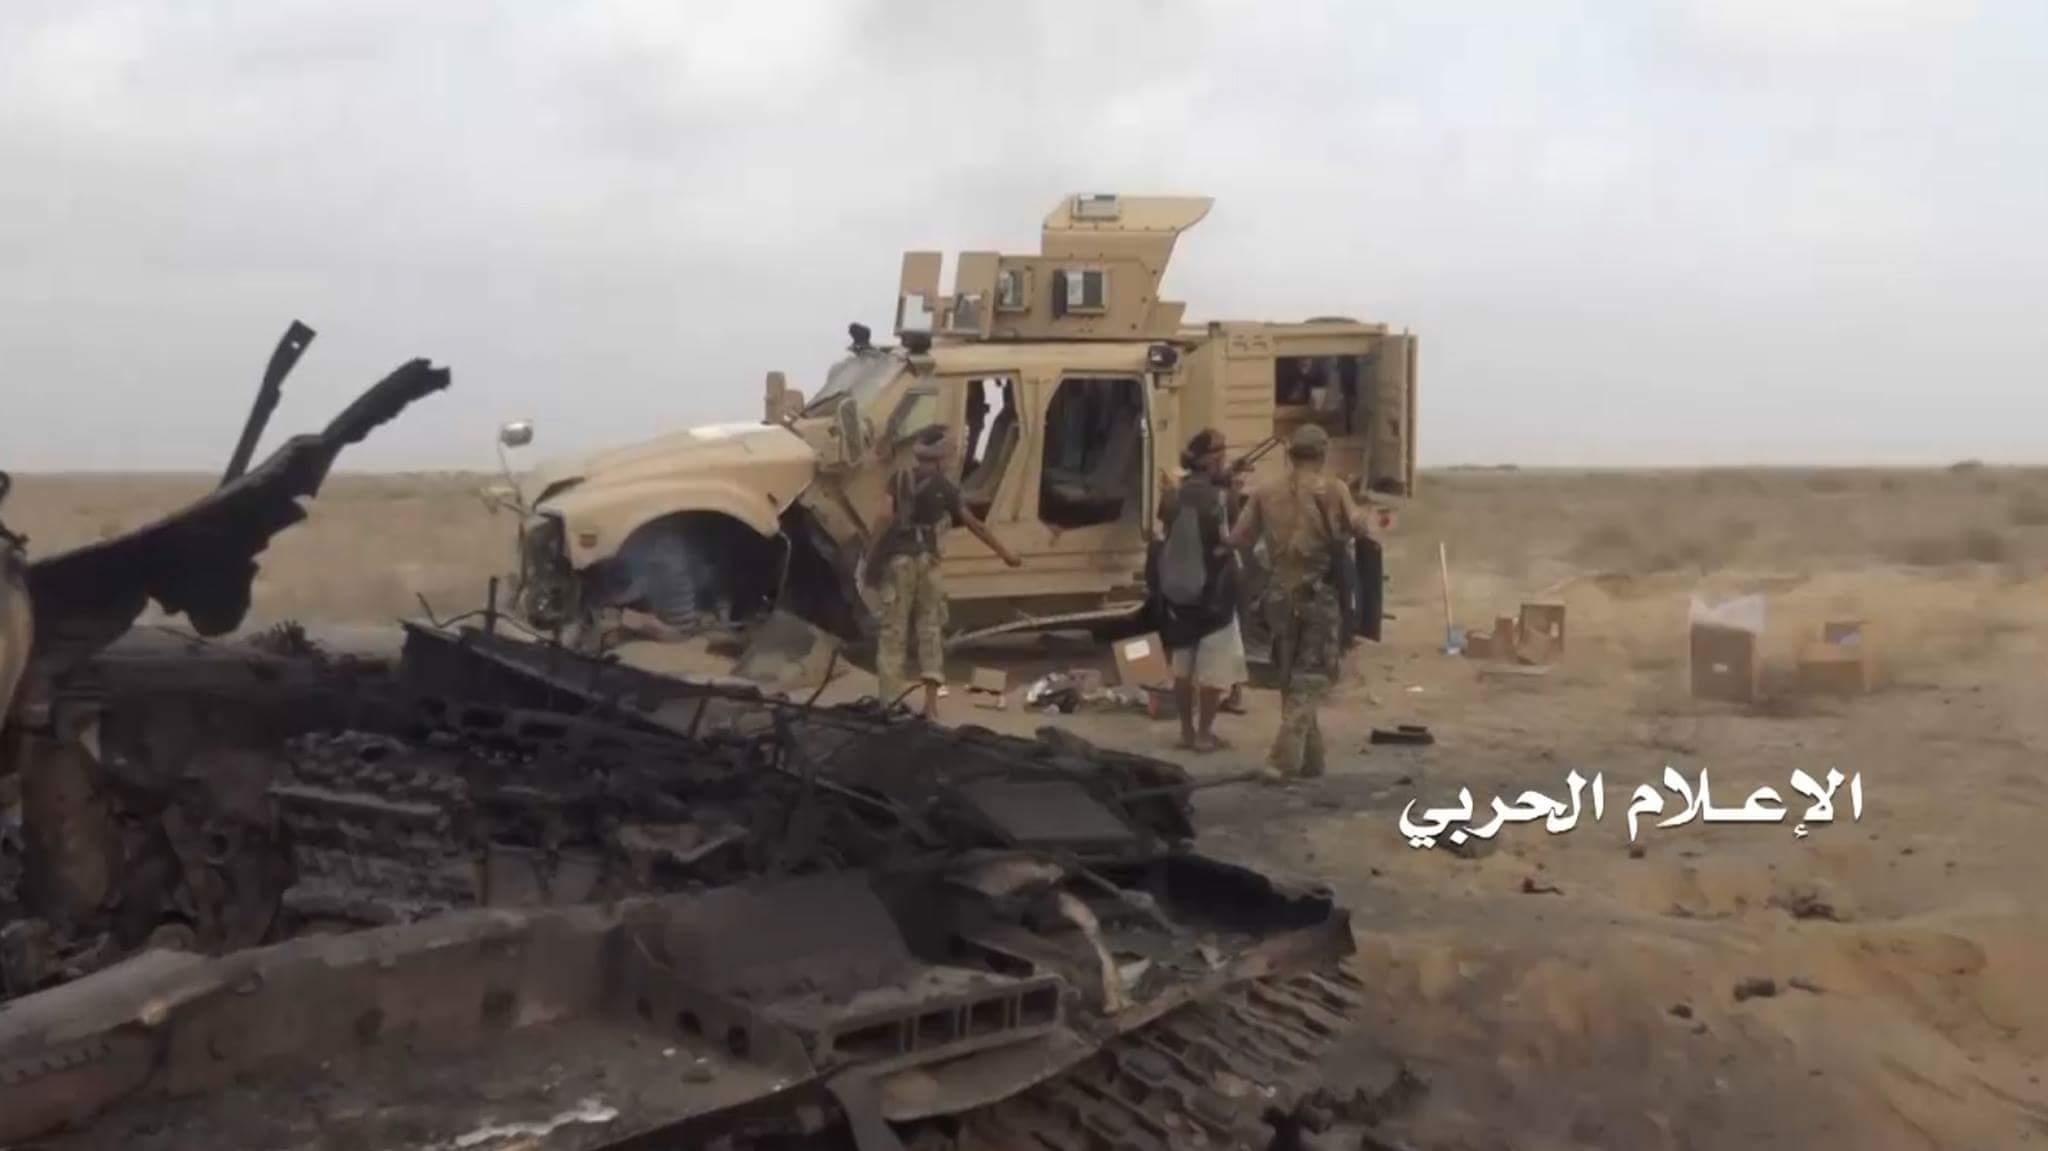 نتيجة بحث الصور عن قتلى الجيش السوداني في ميدي